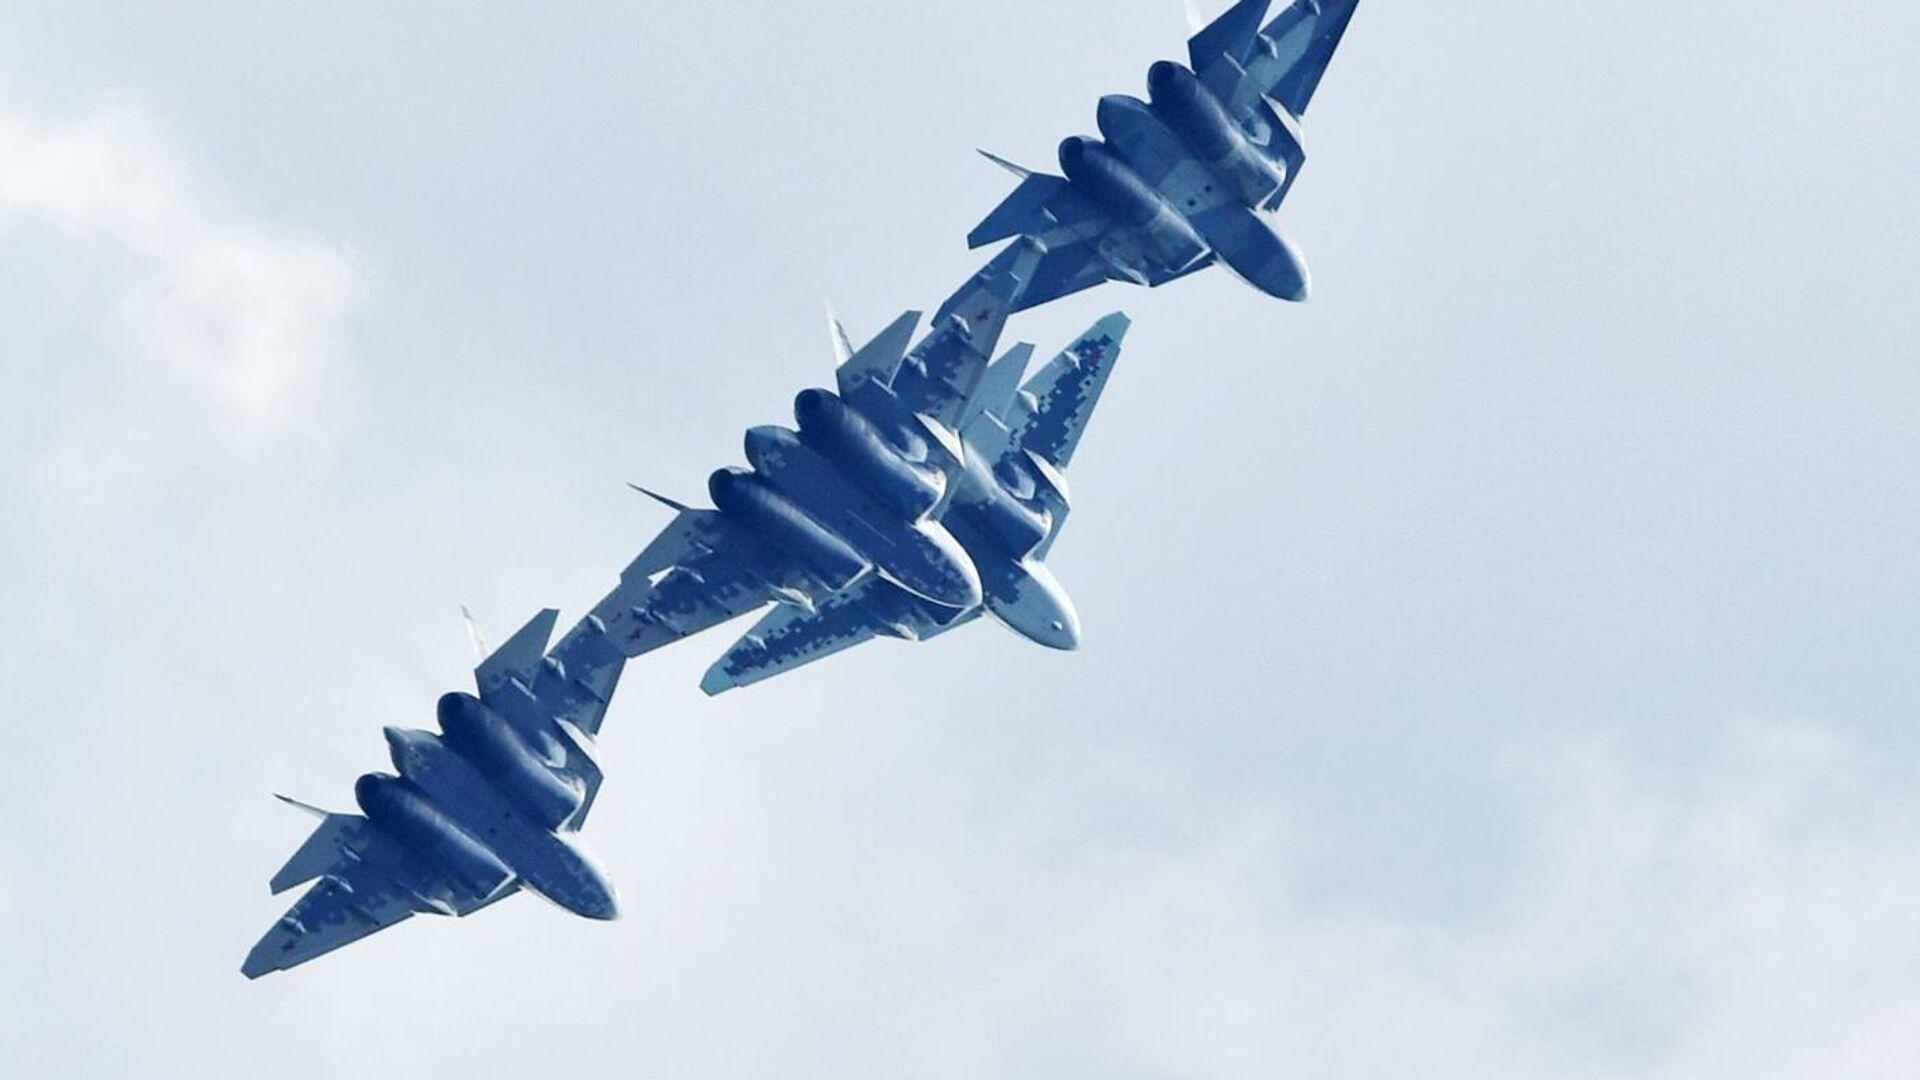 Российские многофункциональные истребители пятого поколения Су-57 выполняют демонстрационный полет на Международном авиационно-космическом салоне МАКС-2019 в подмосковном Жуковском - РИА Новости, 1920, 21.01.2021